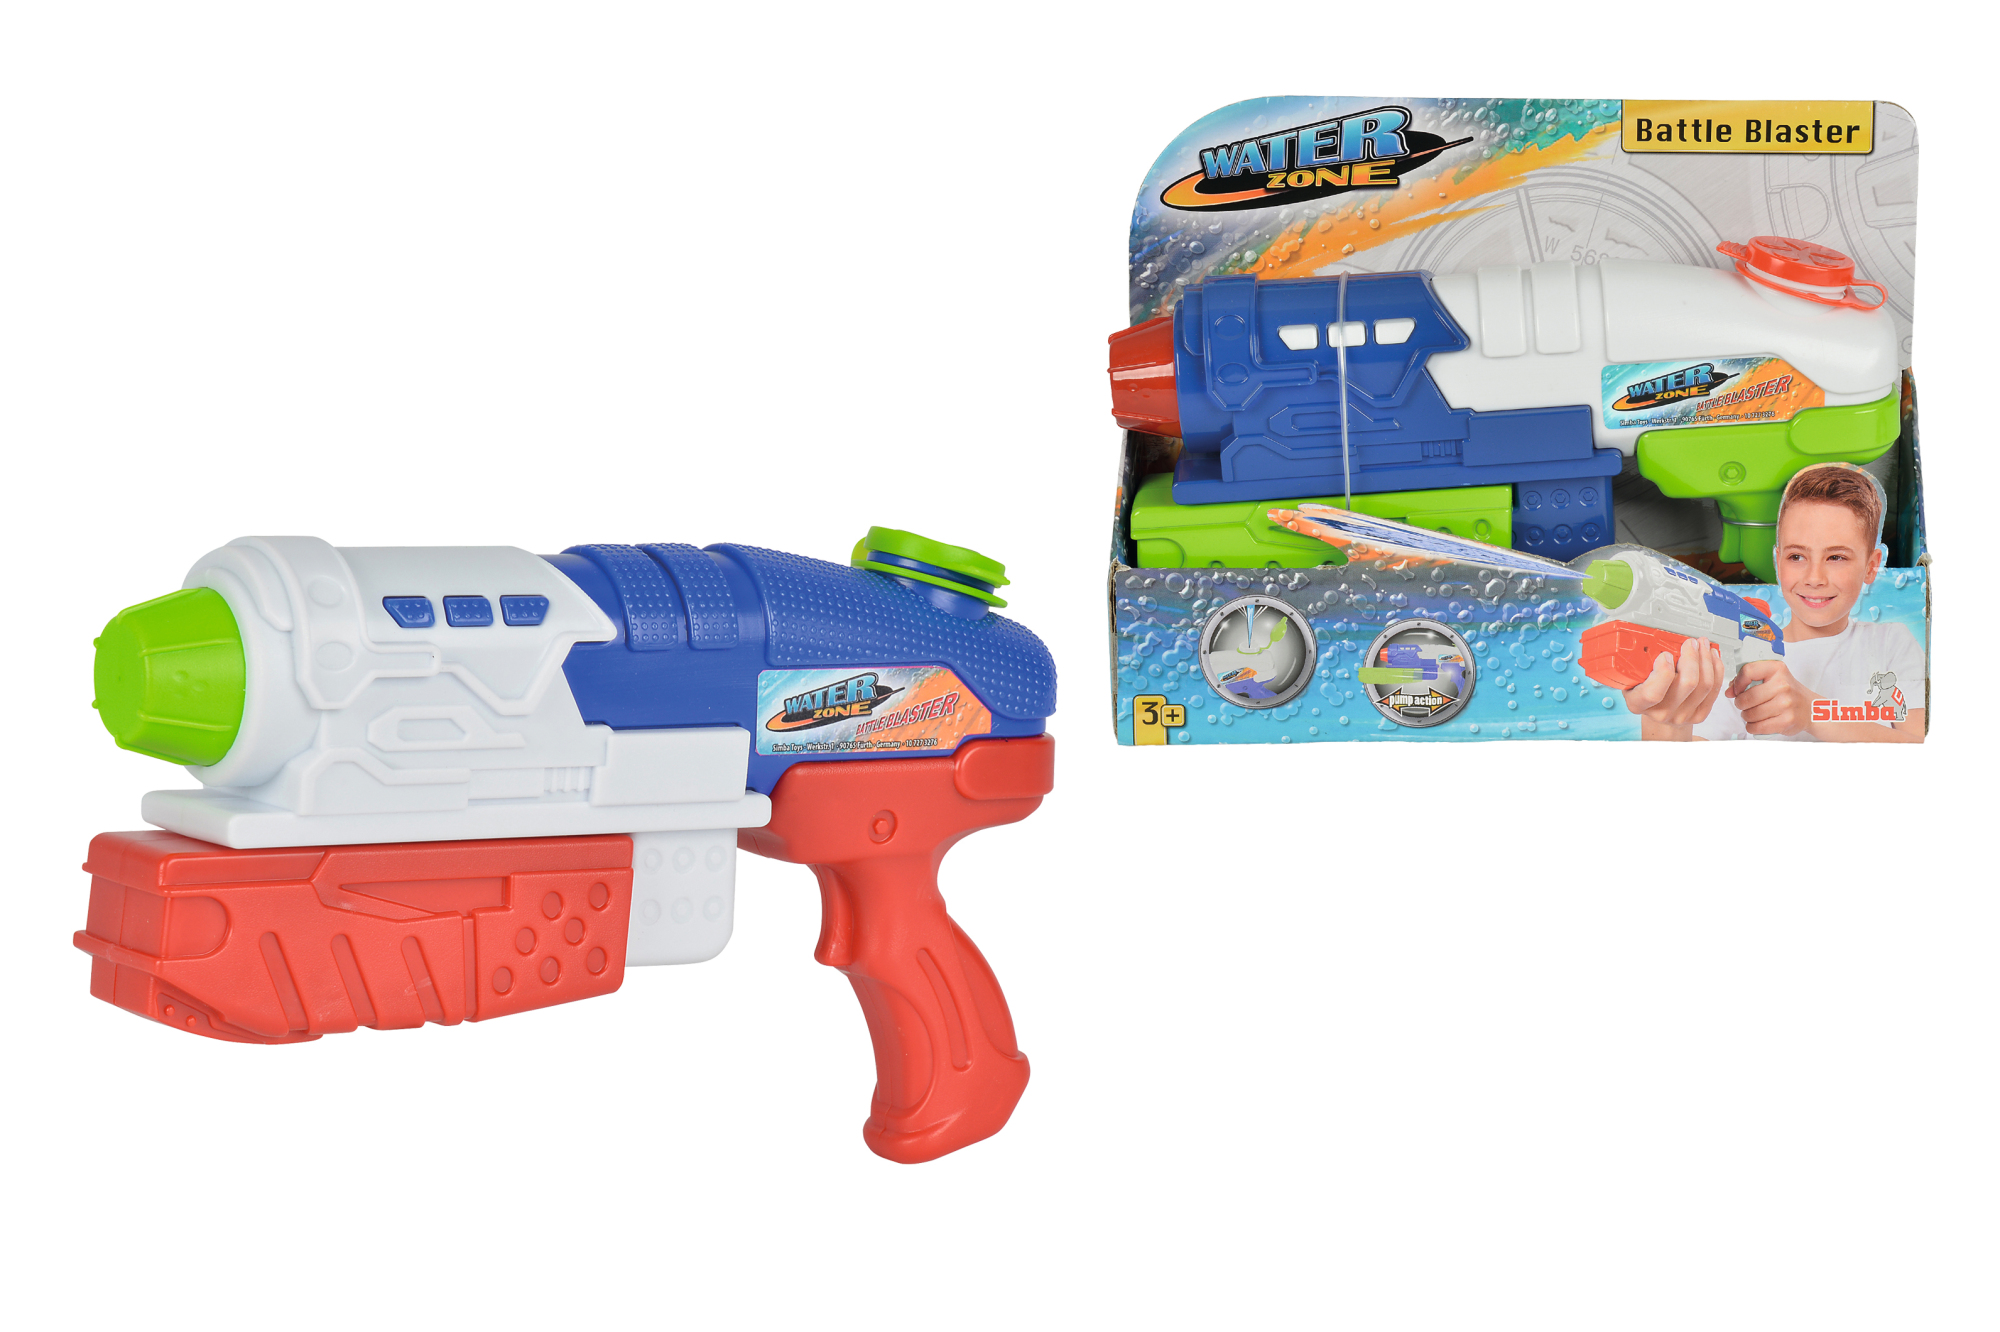 Water Zone Battle Blaster 2fs